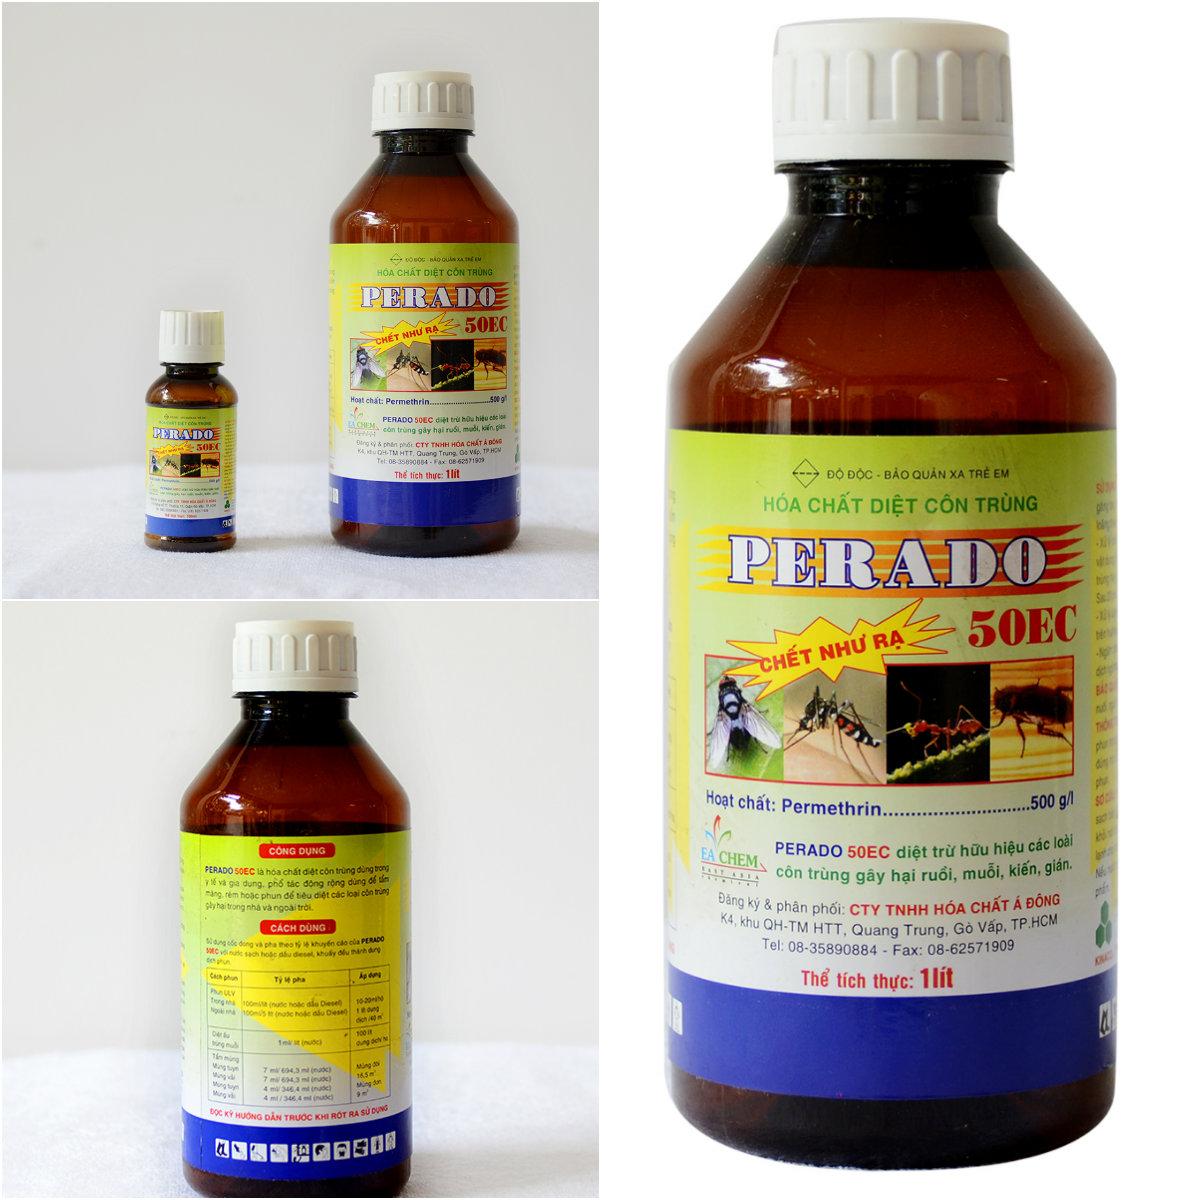 cung cấp Thuốc Diệt Côn Trùng PERADO 50EC sản xuất tại Việt Nam tại nhà quận 3, và các quận tại tphcm. Lh: 0908145811 Ms nhàn